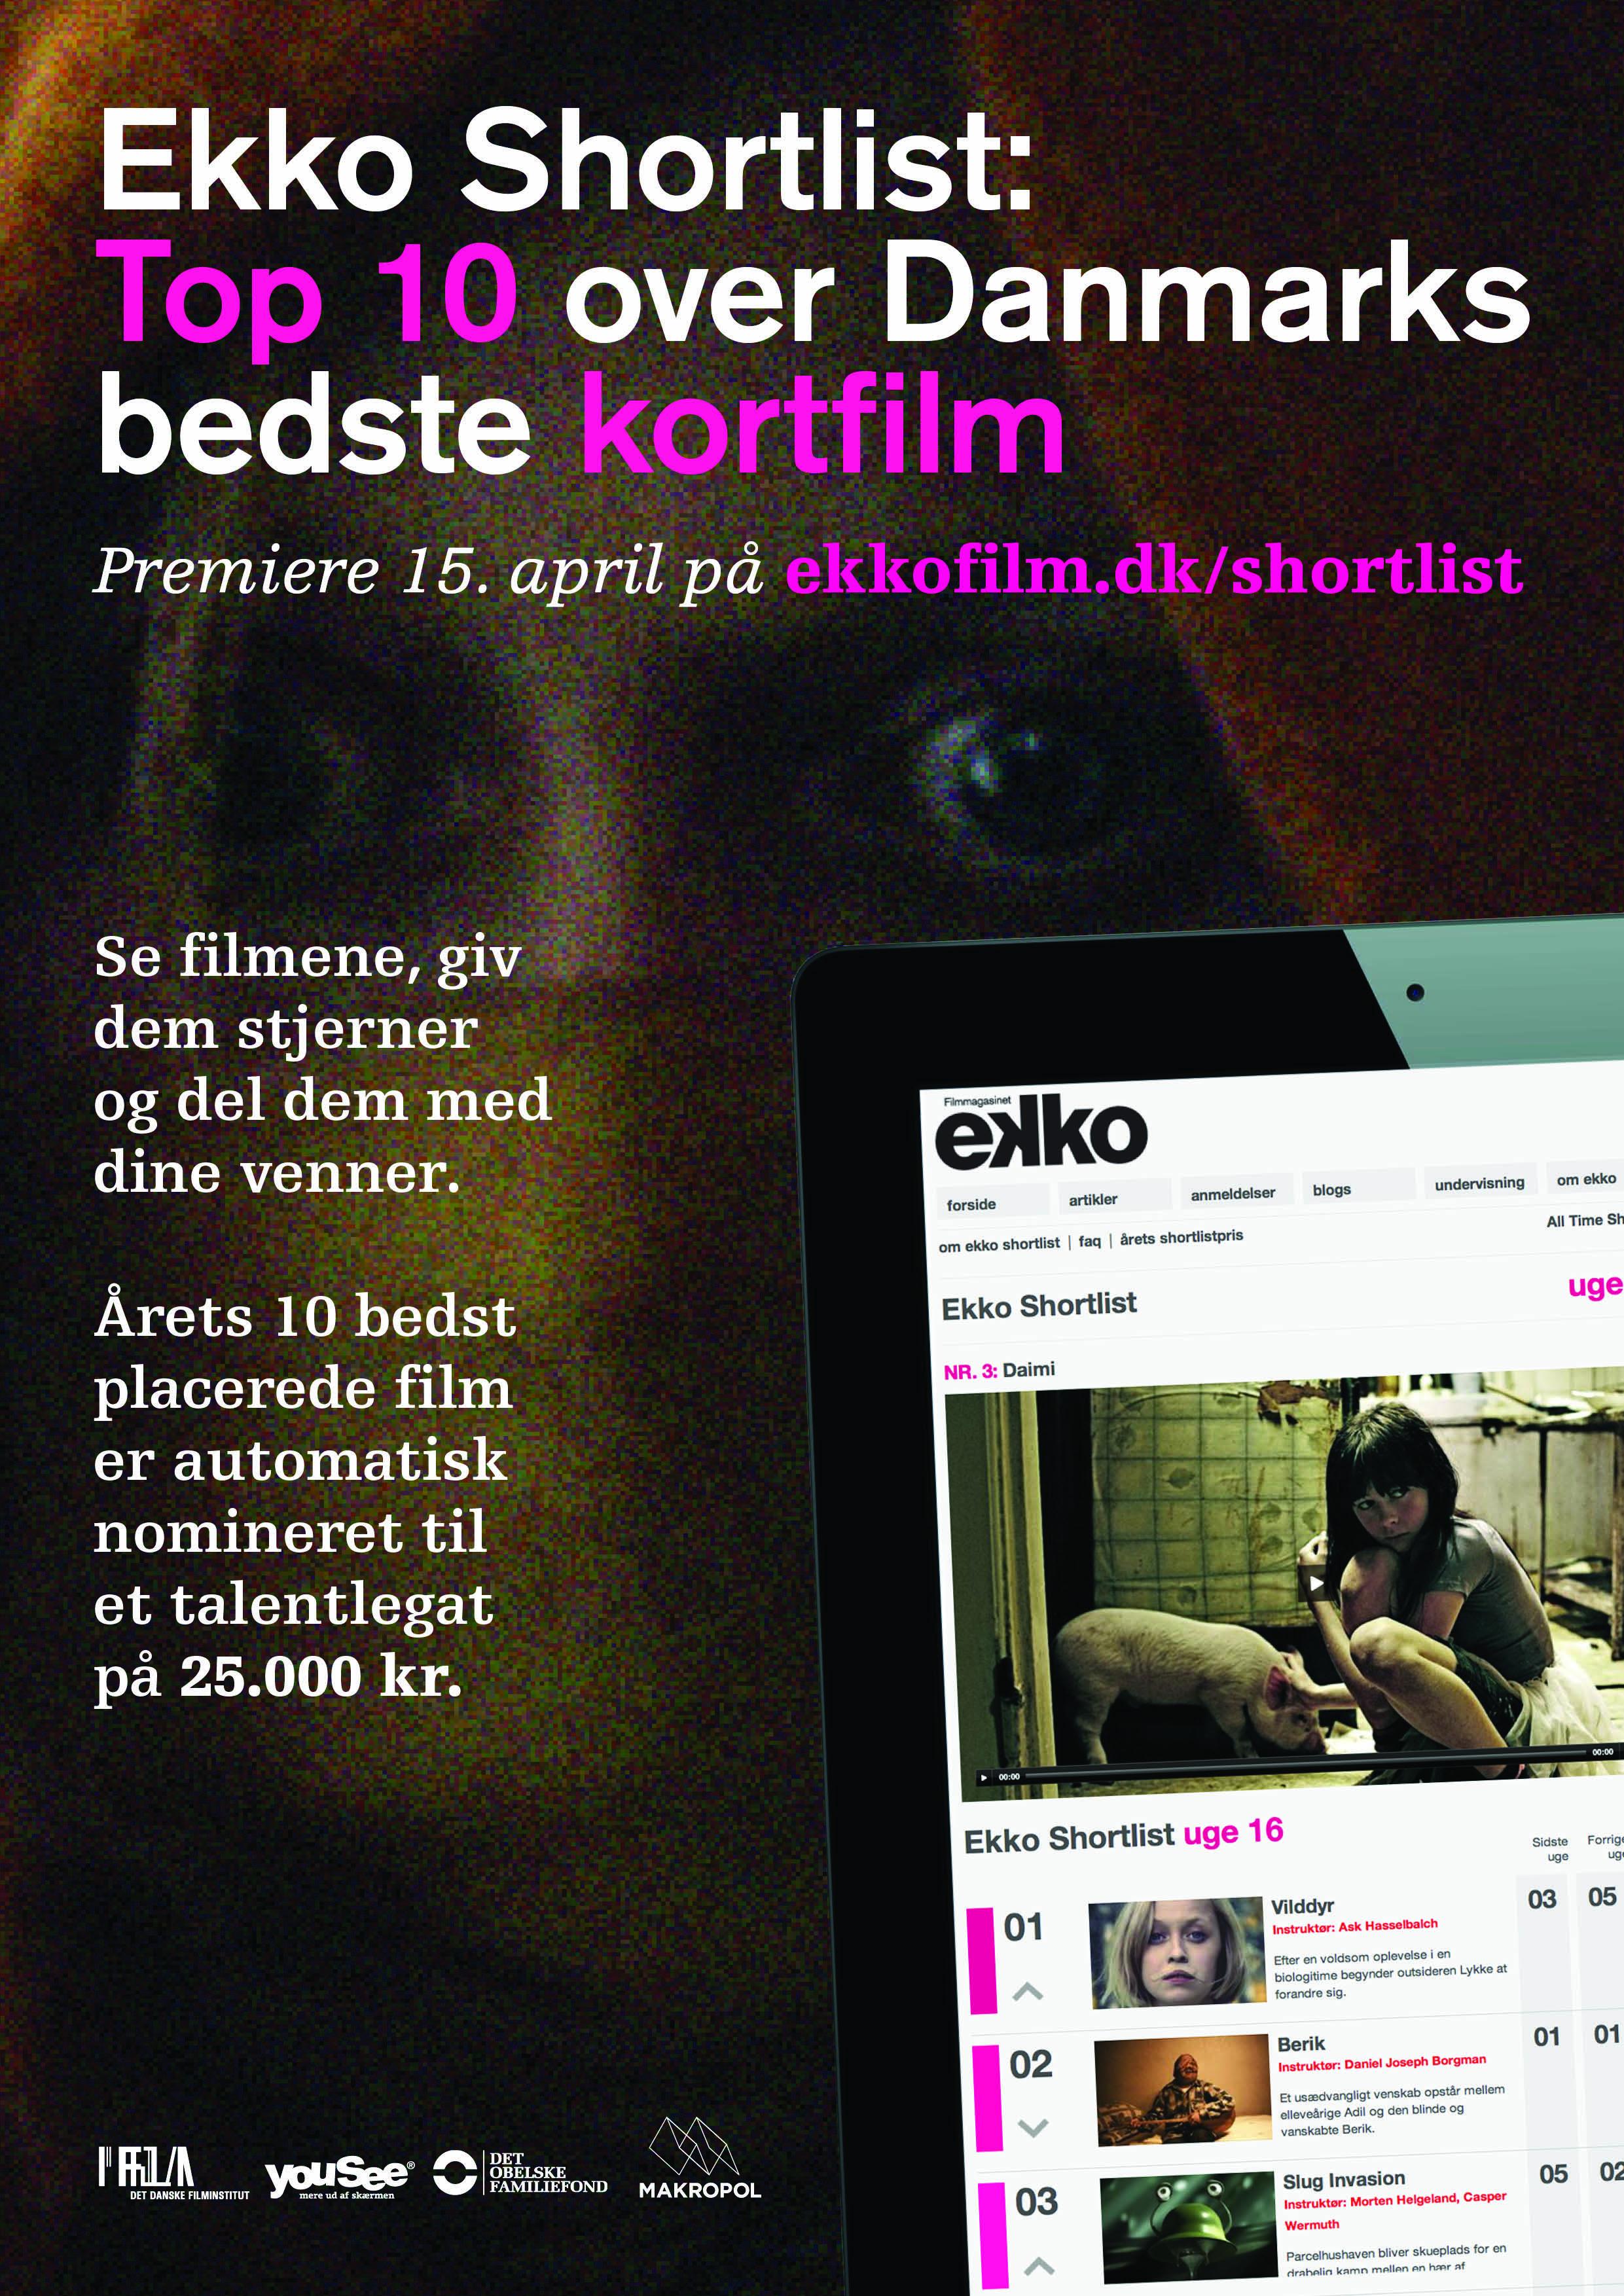 ekko shortlist